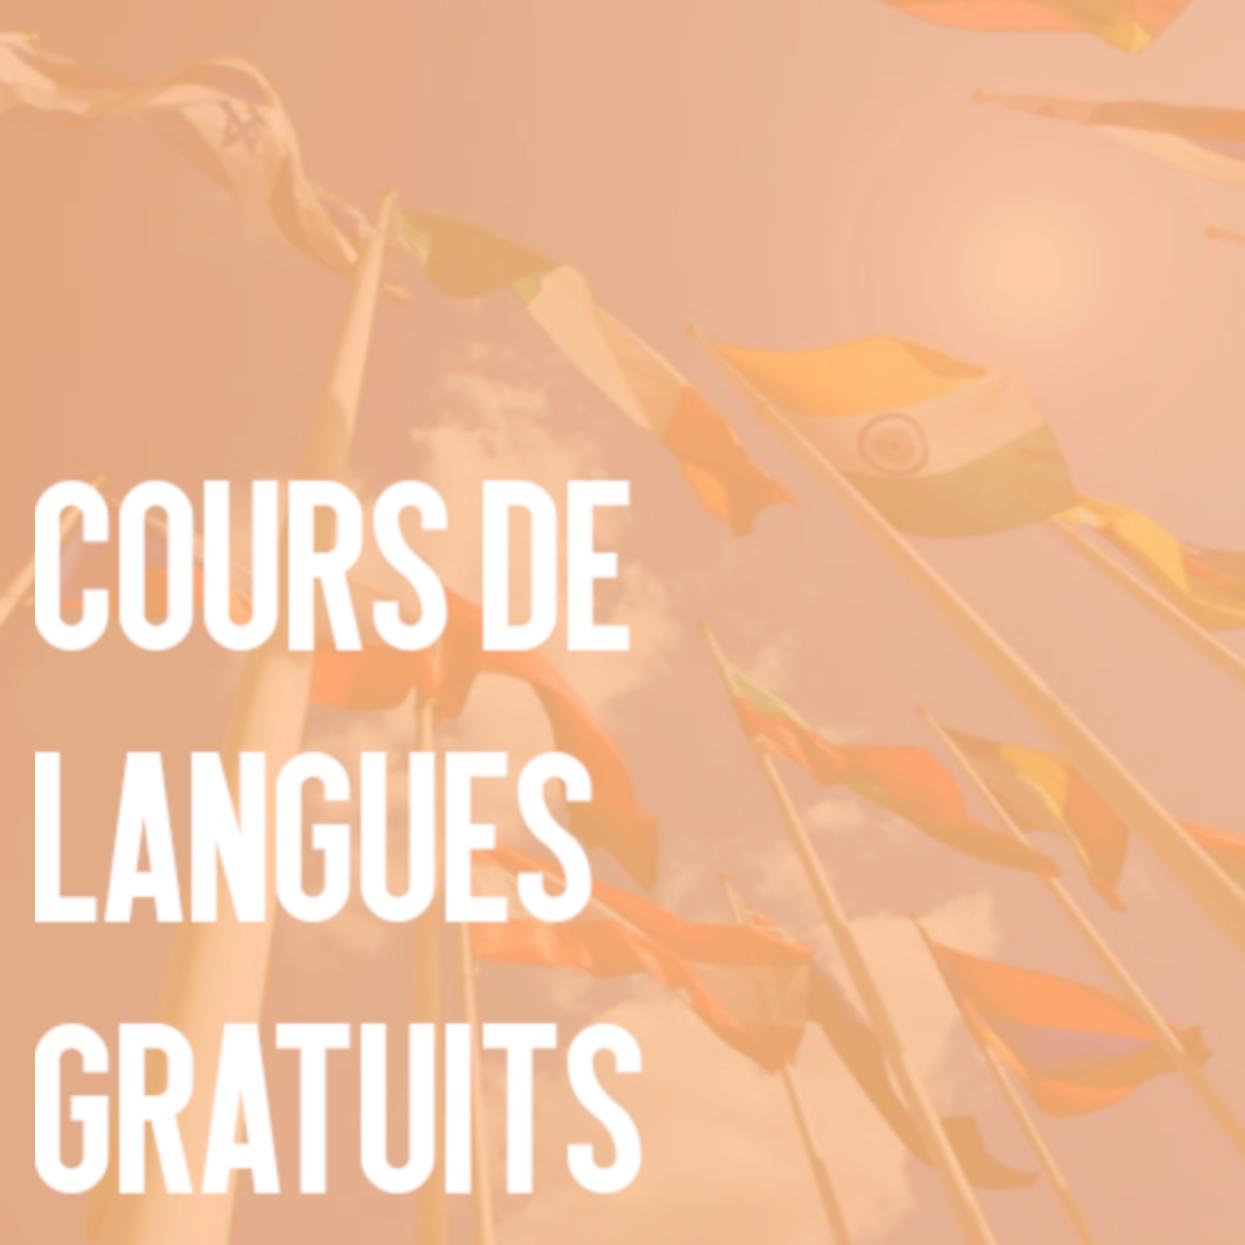 couors de langues gratuits1.png